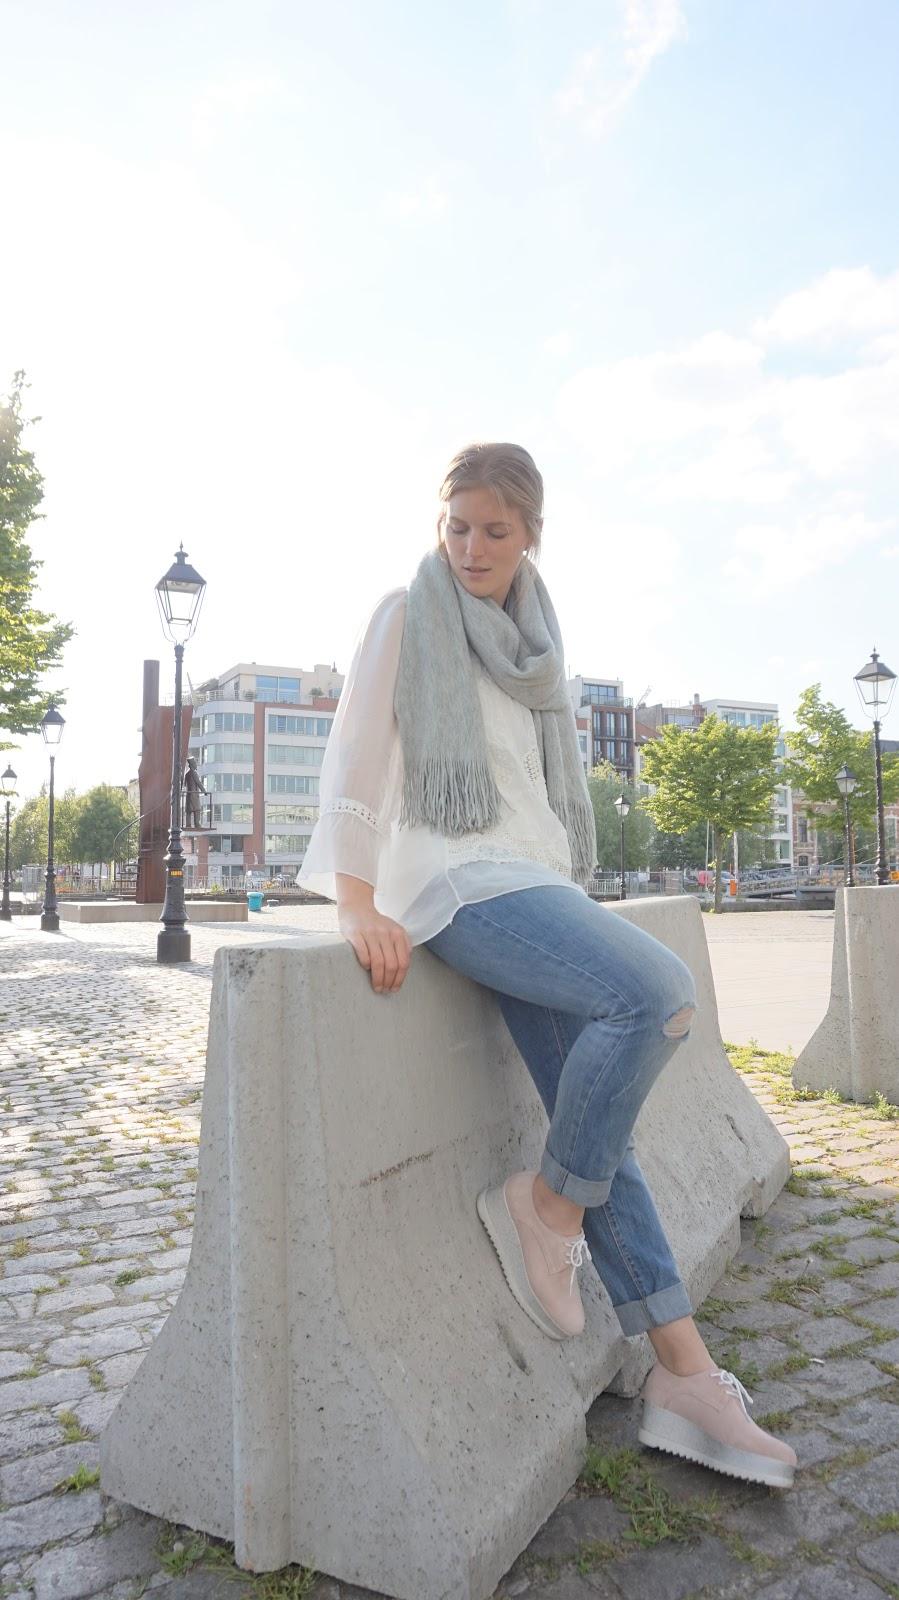 DSC06511 | Eline Van Dingenen